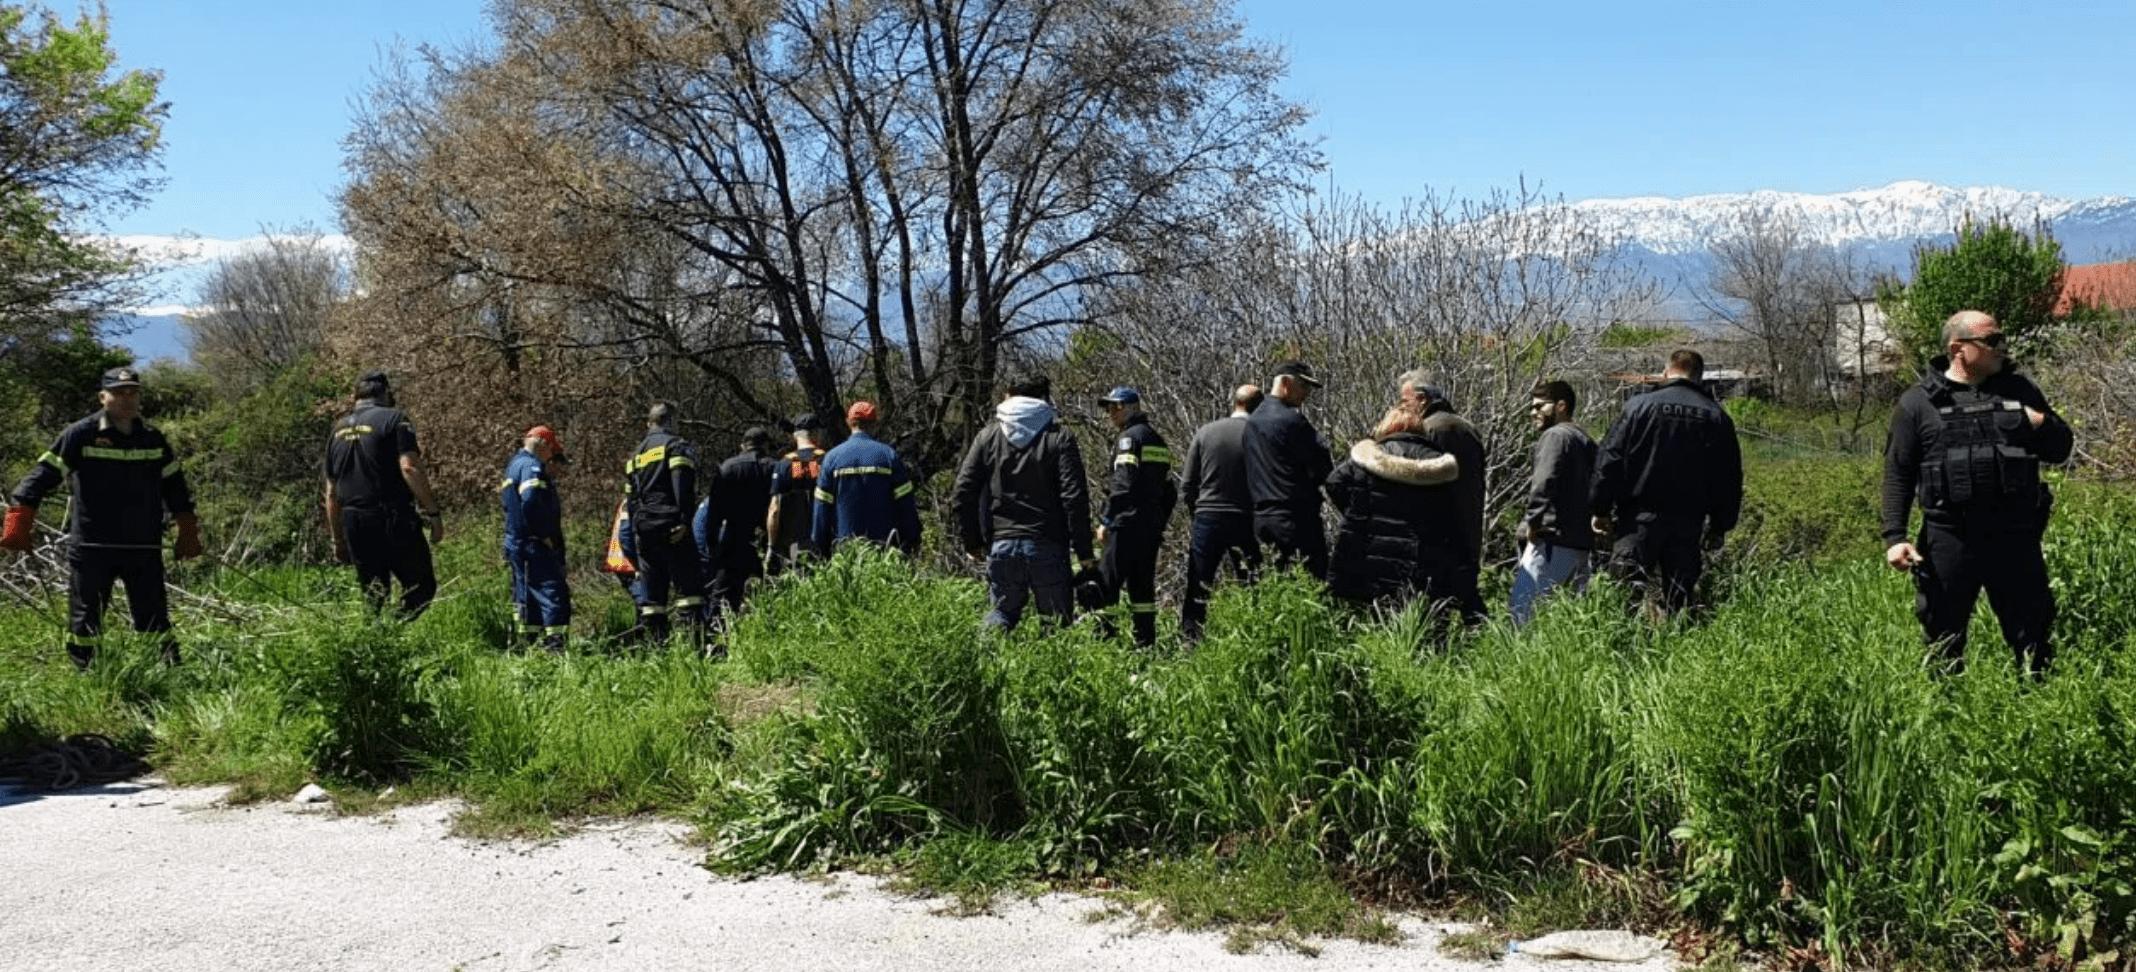 Εντοπίστηκε νεκρή η γυναίκα στο ποταμό Ληθαίο των Τρικάλων (φώτο-video) 1